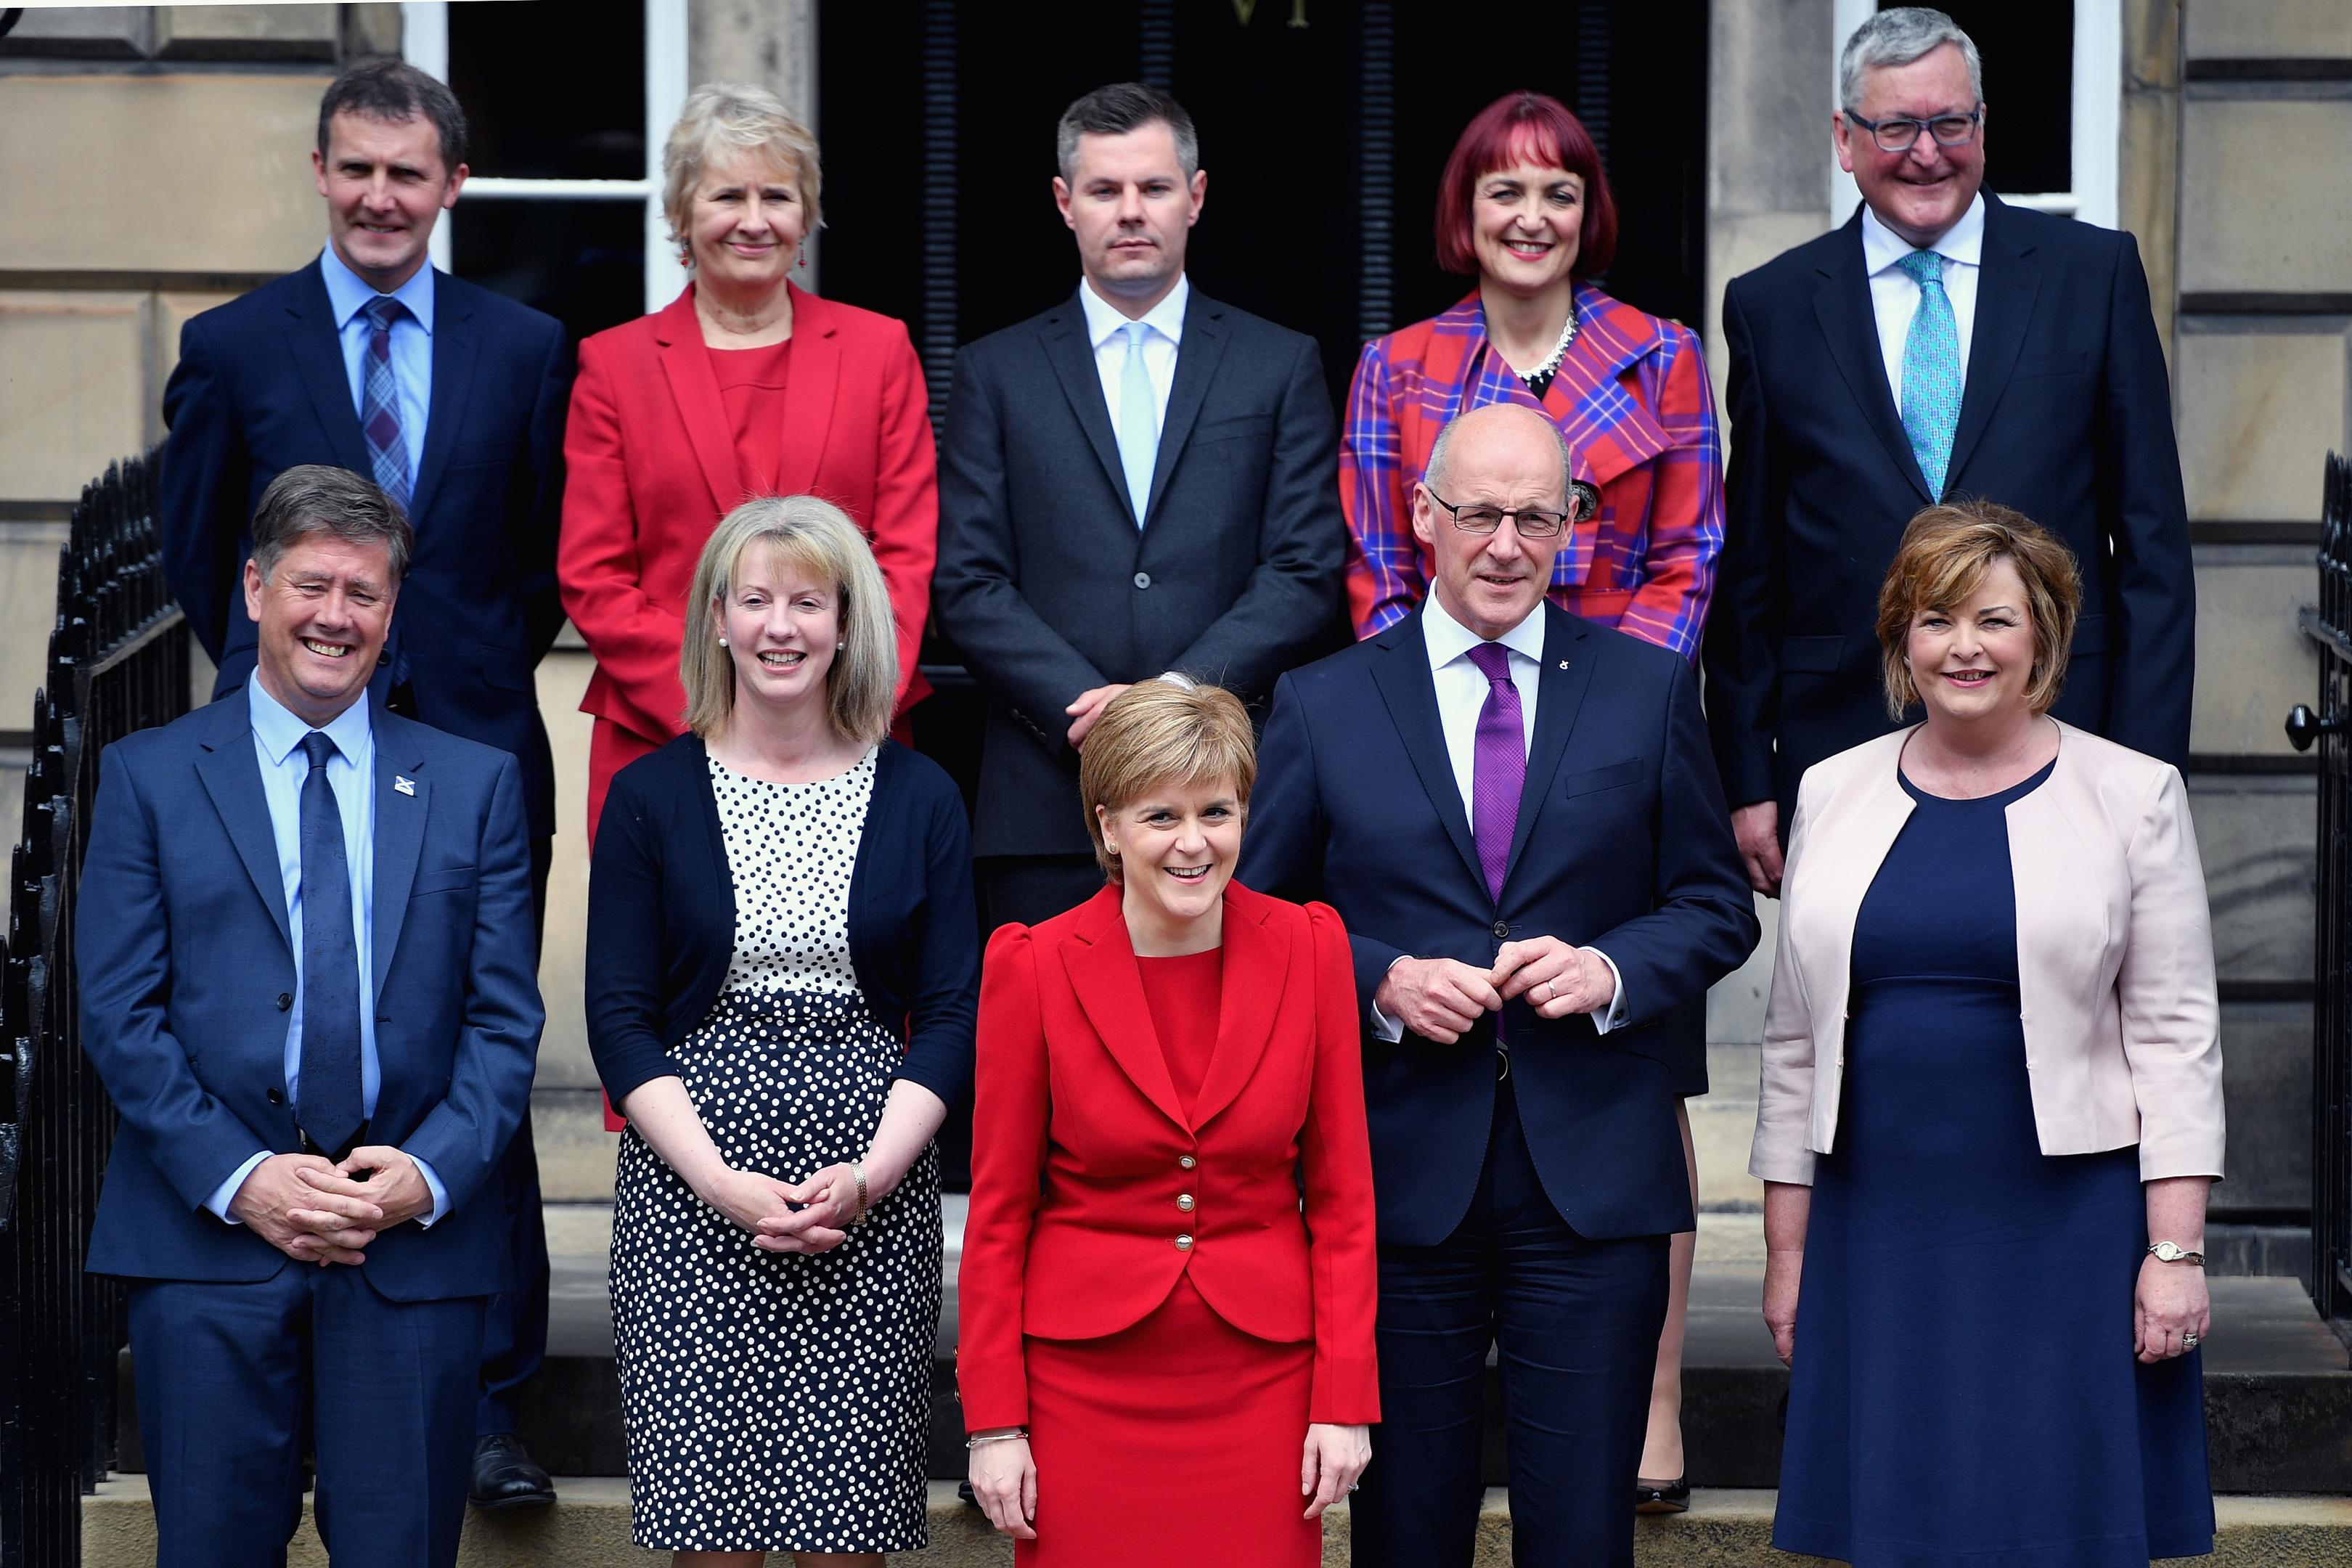 Nicola Sturgeon's new Cabinet